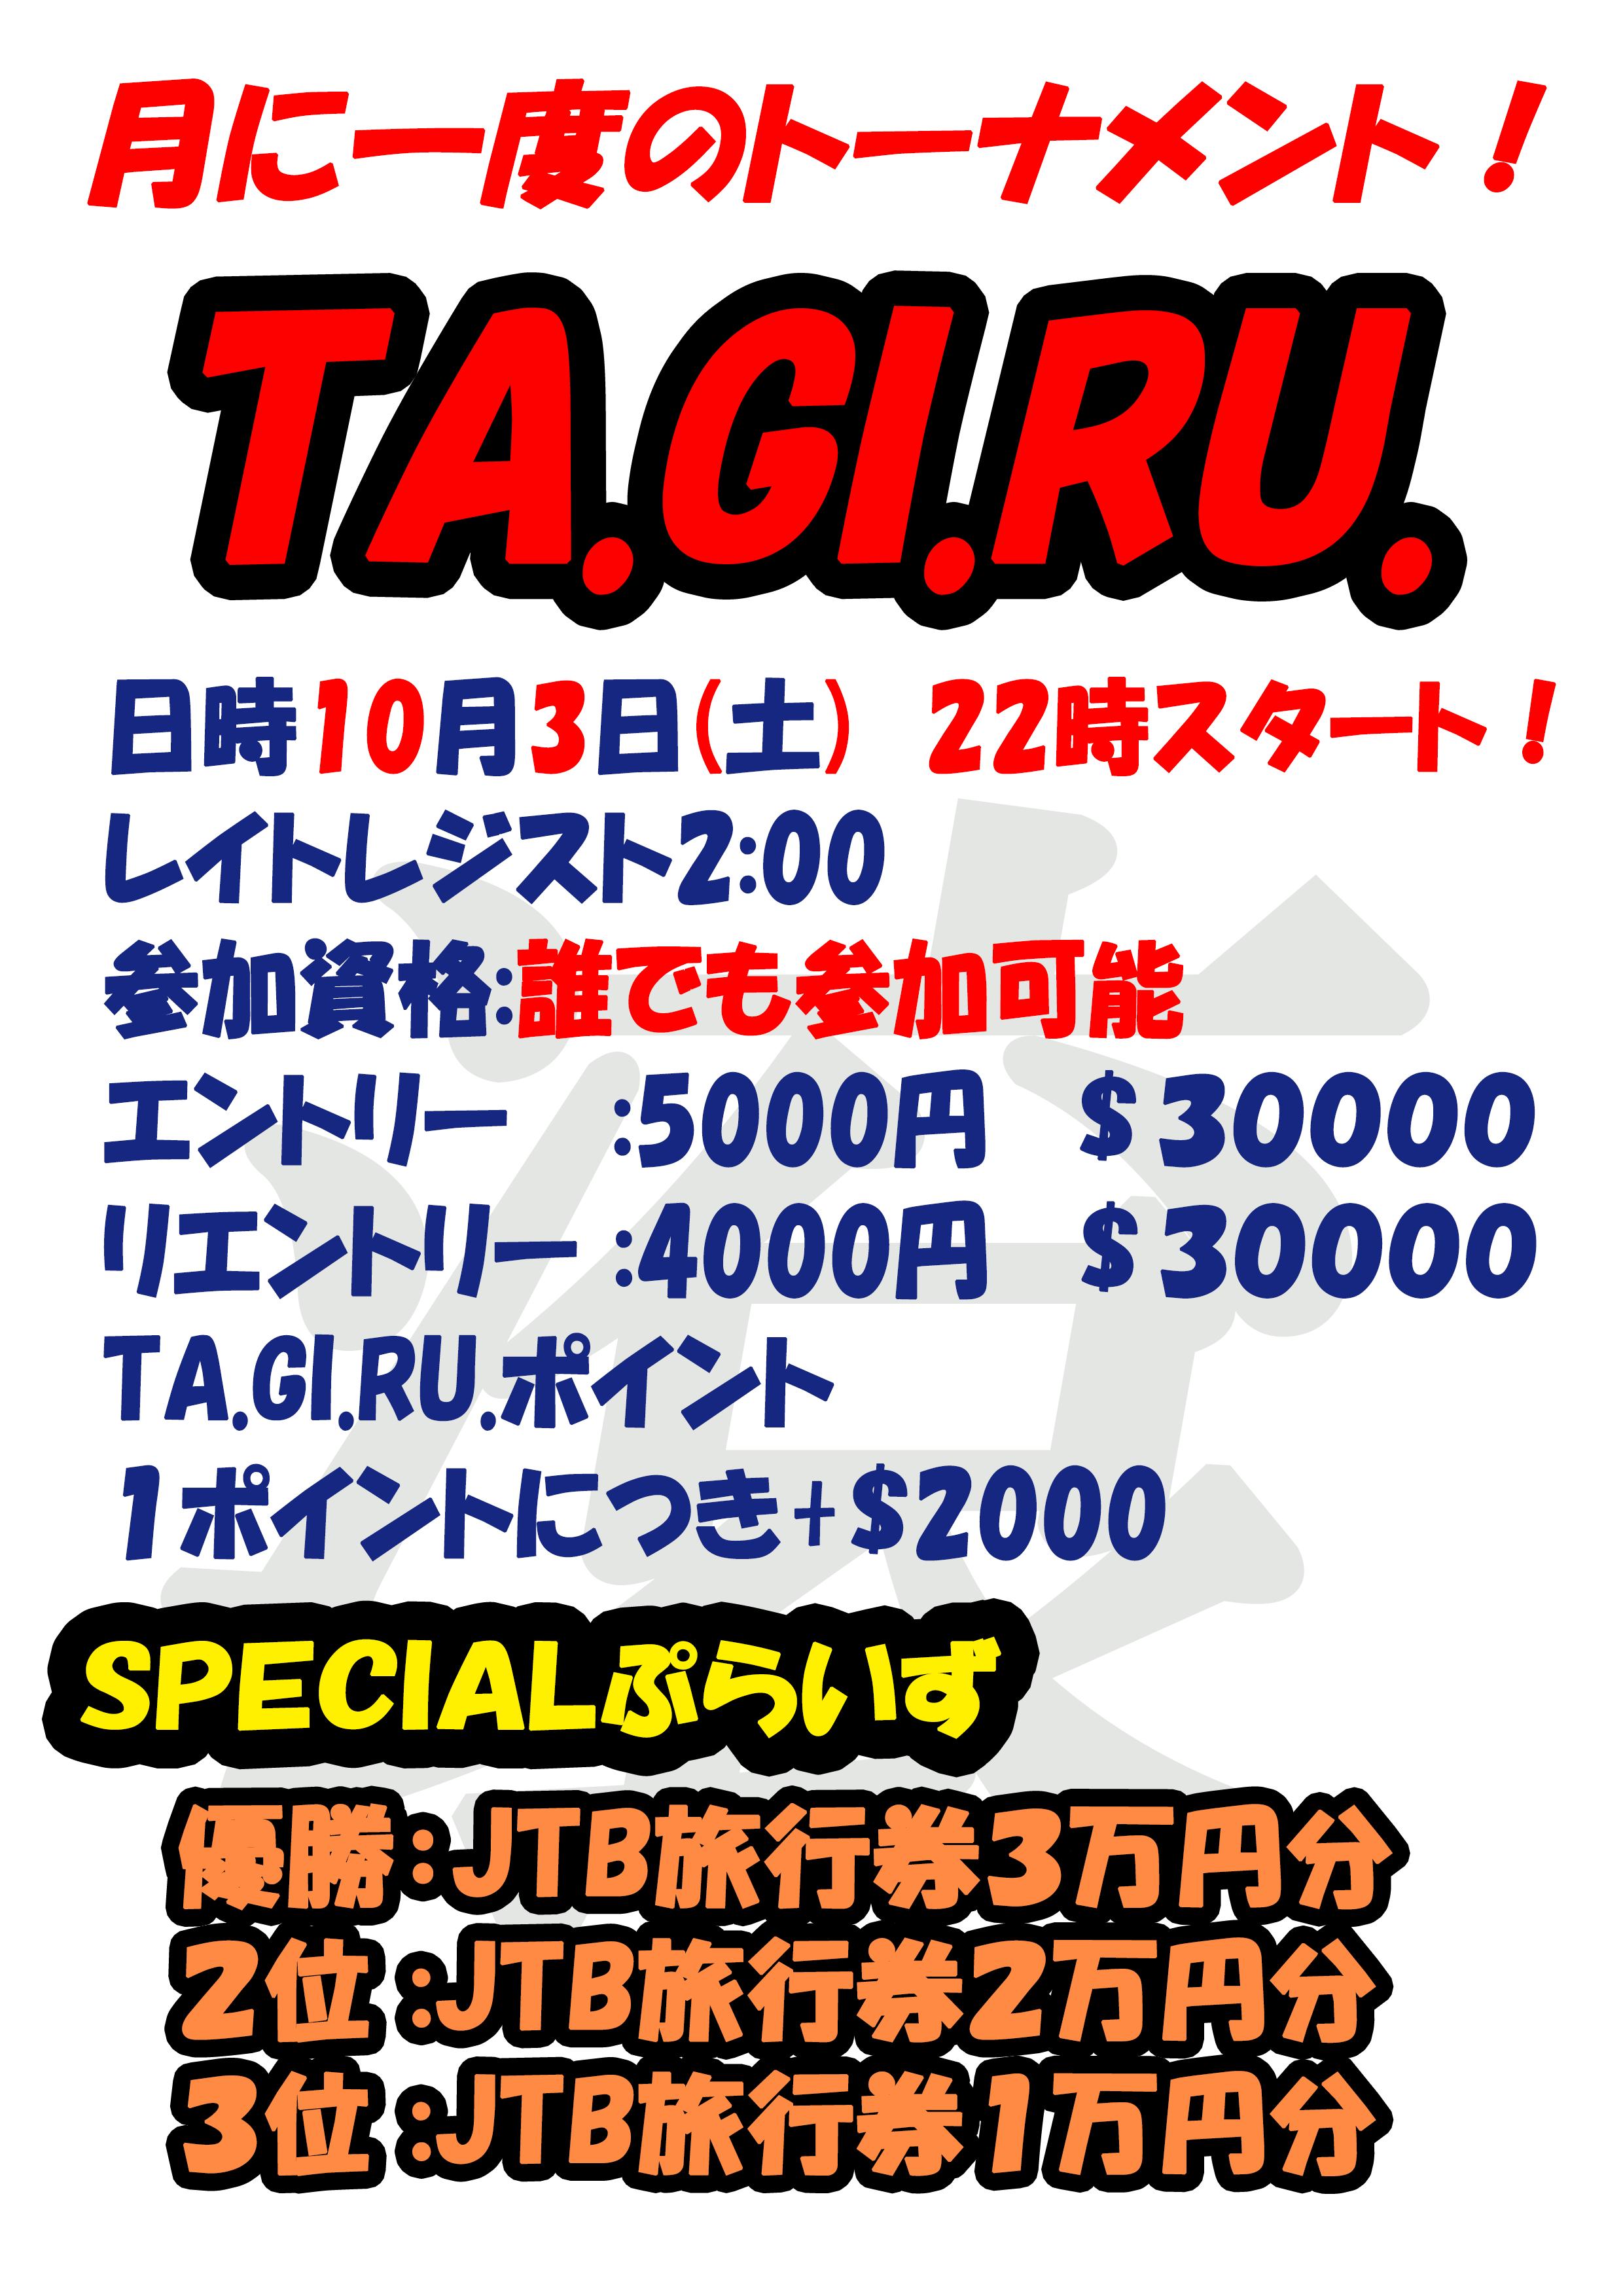 第33回マンスリートーナメント TA.GI.RU. 間もなく開幕!